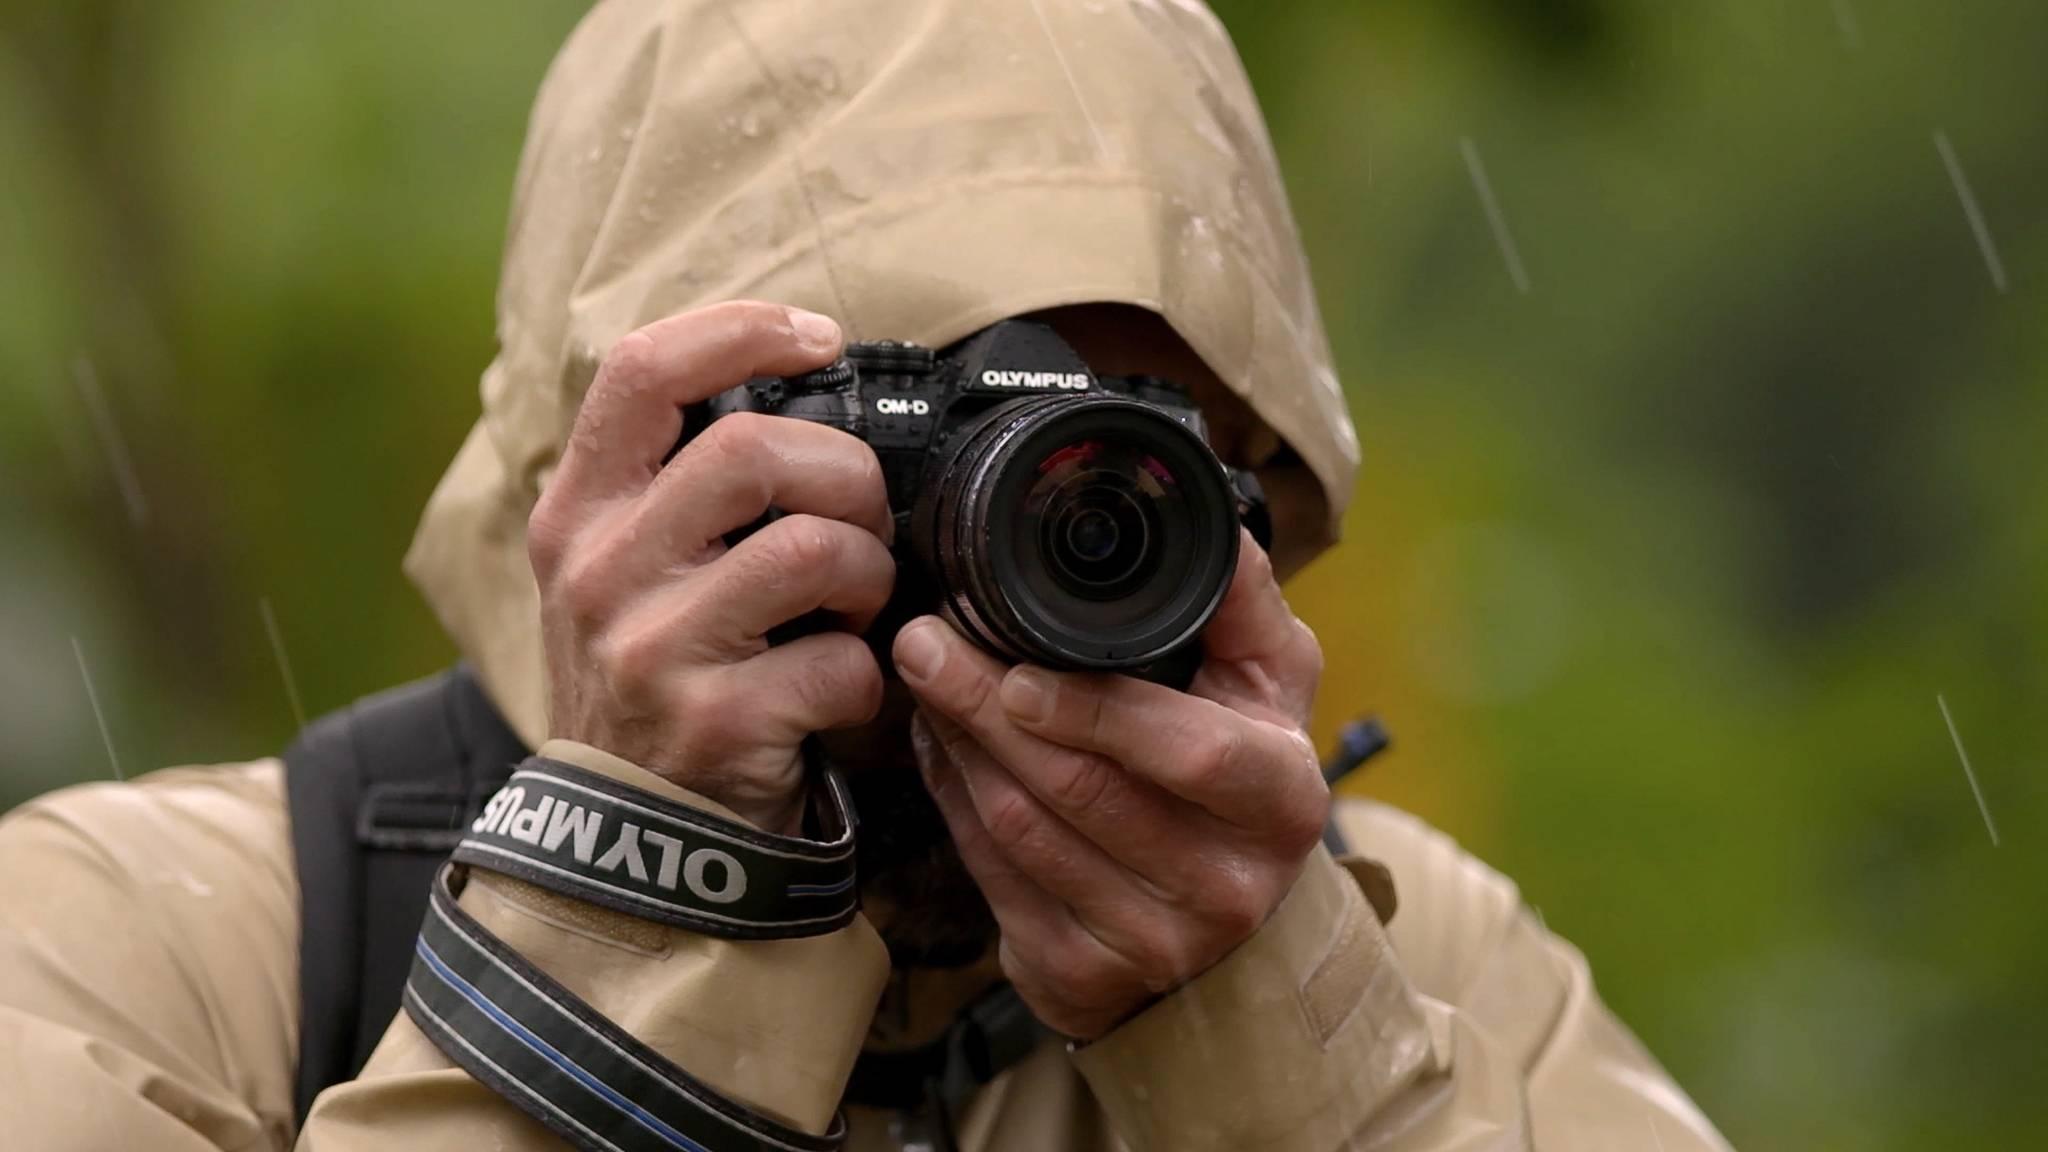 фотографы профи снимающие на фототехнику олимпус здесь летают